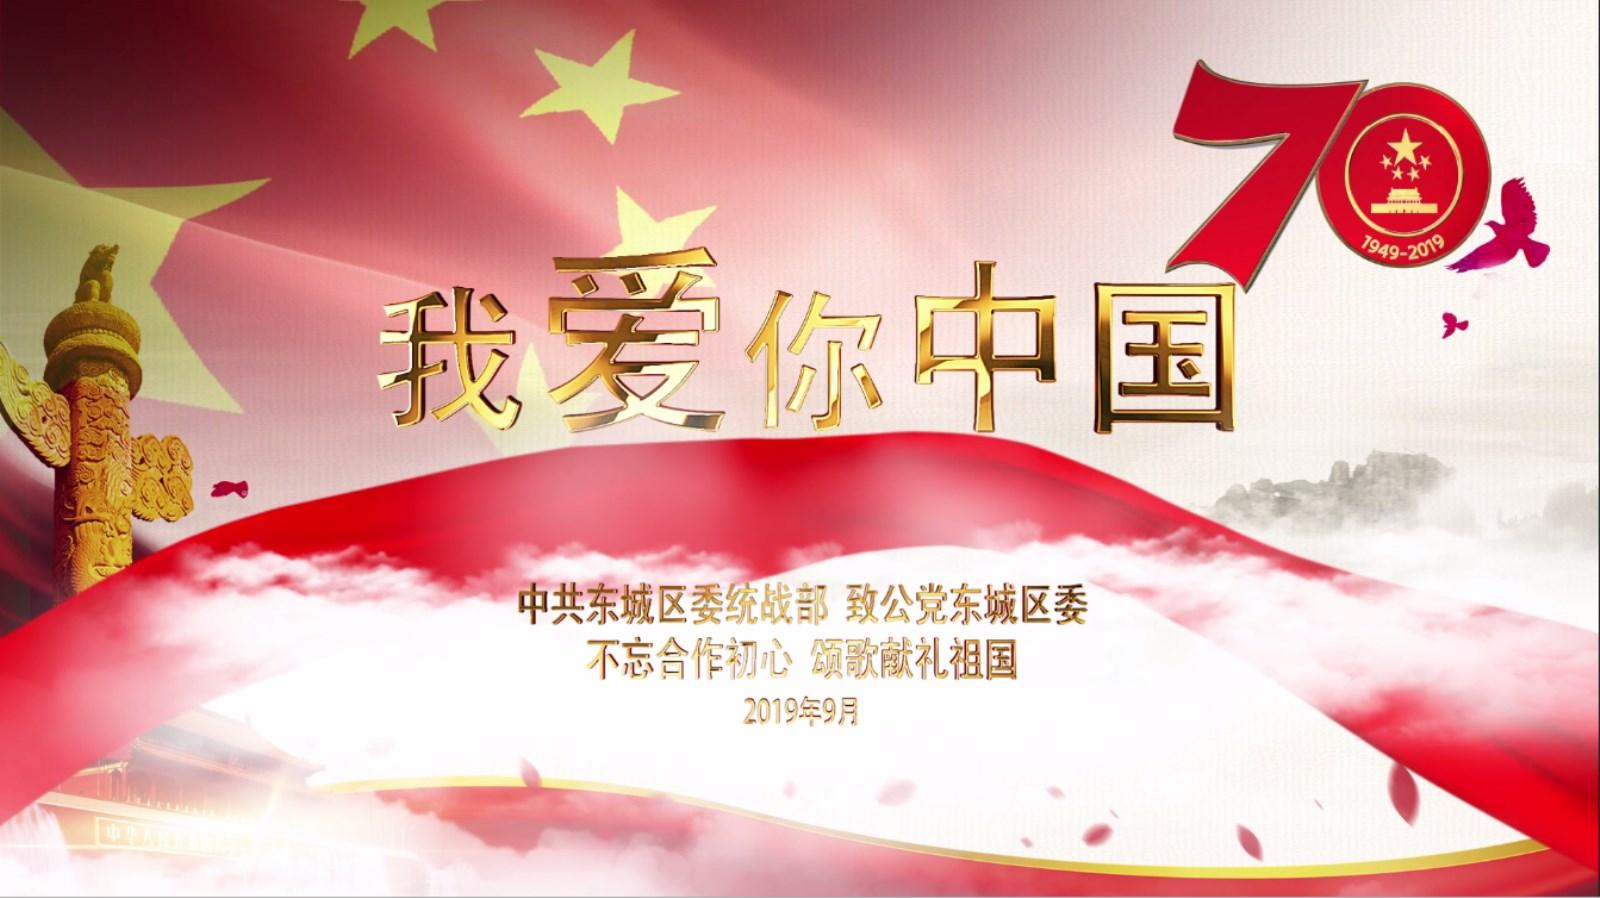 致公党北京市东城区委为新中国70华诞送祝福